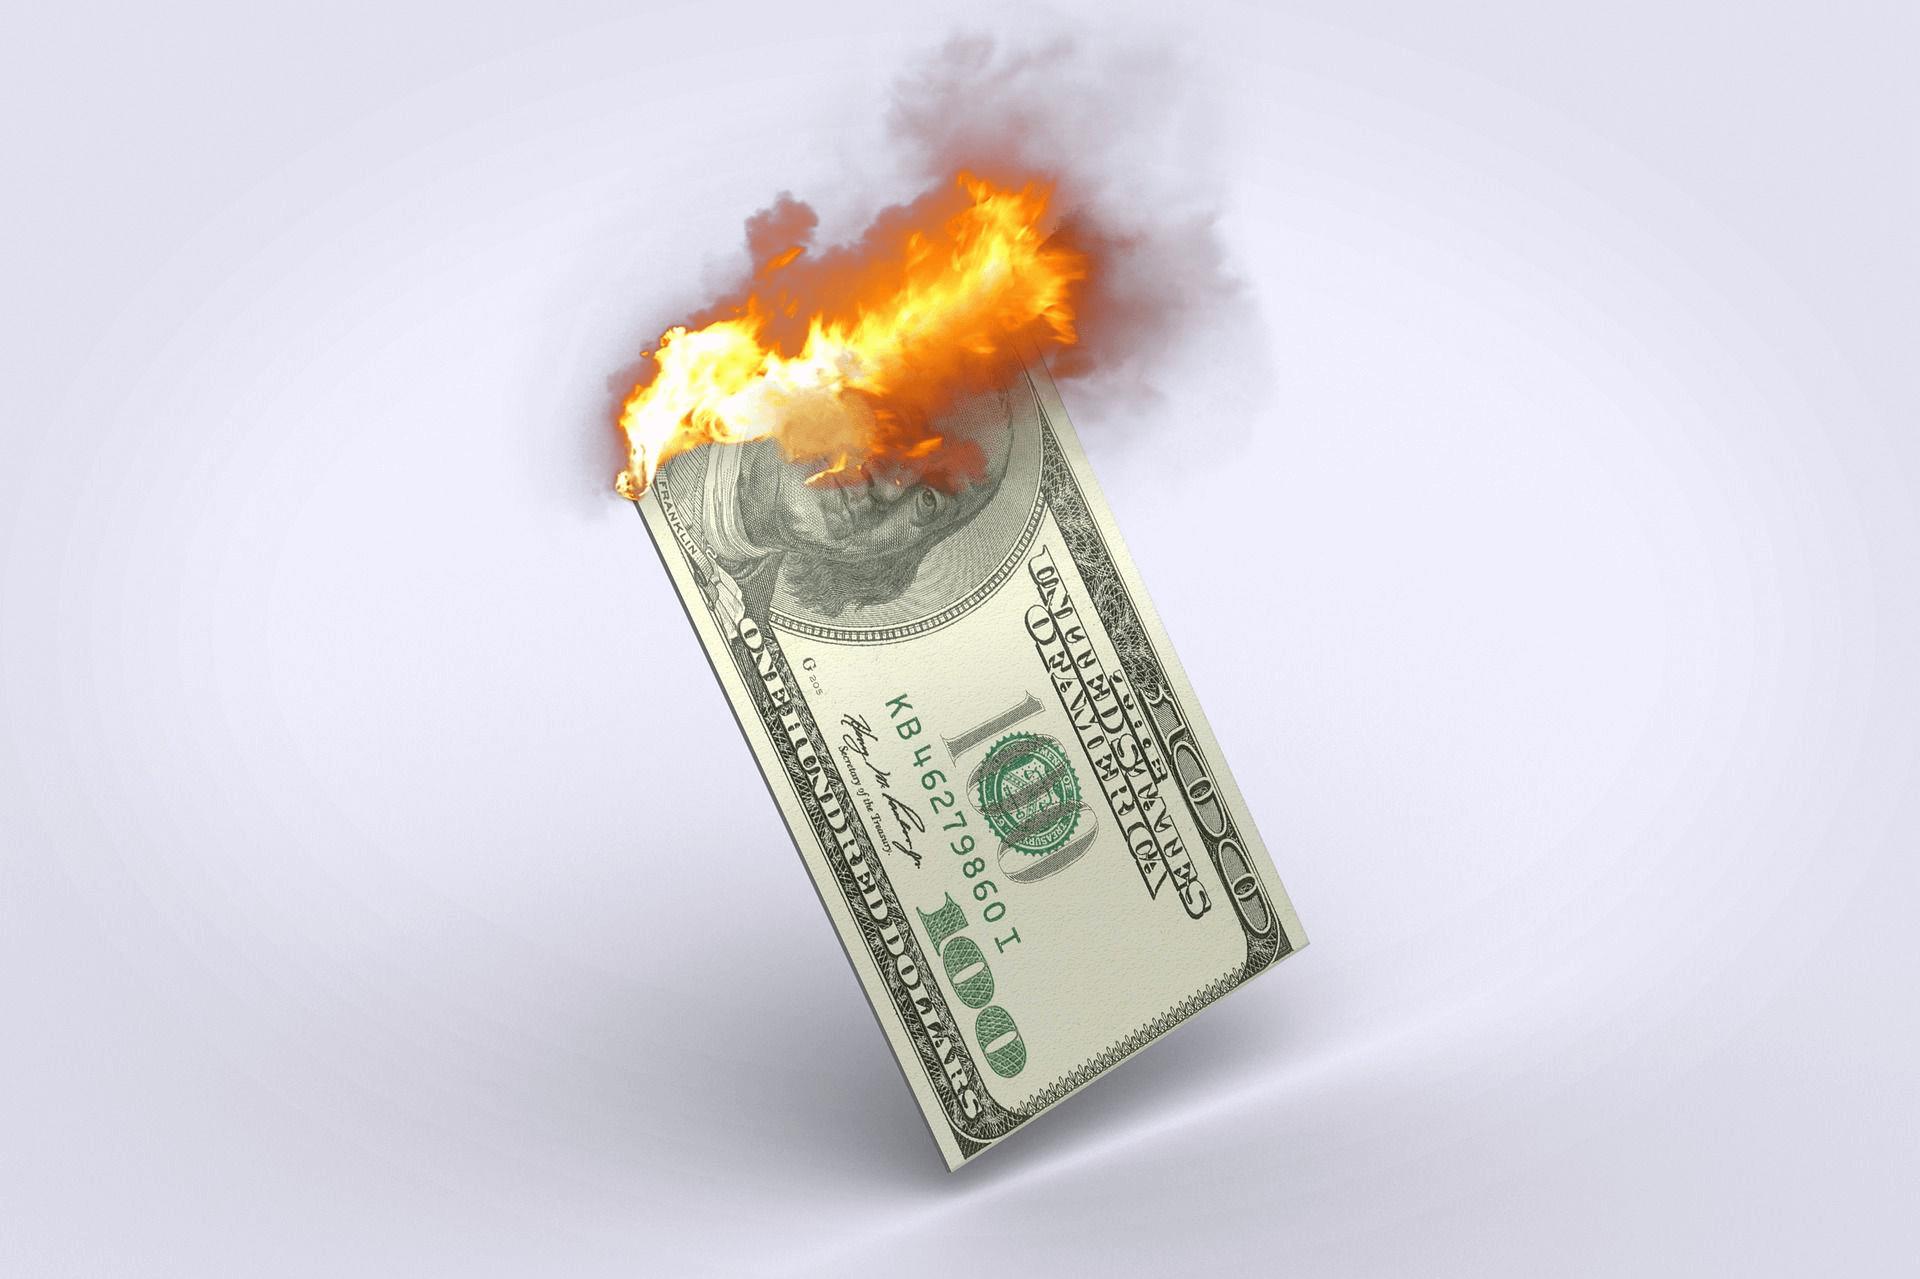 The dollar is burning